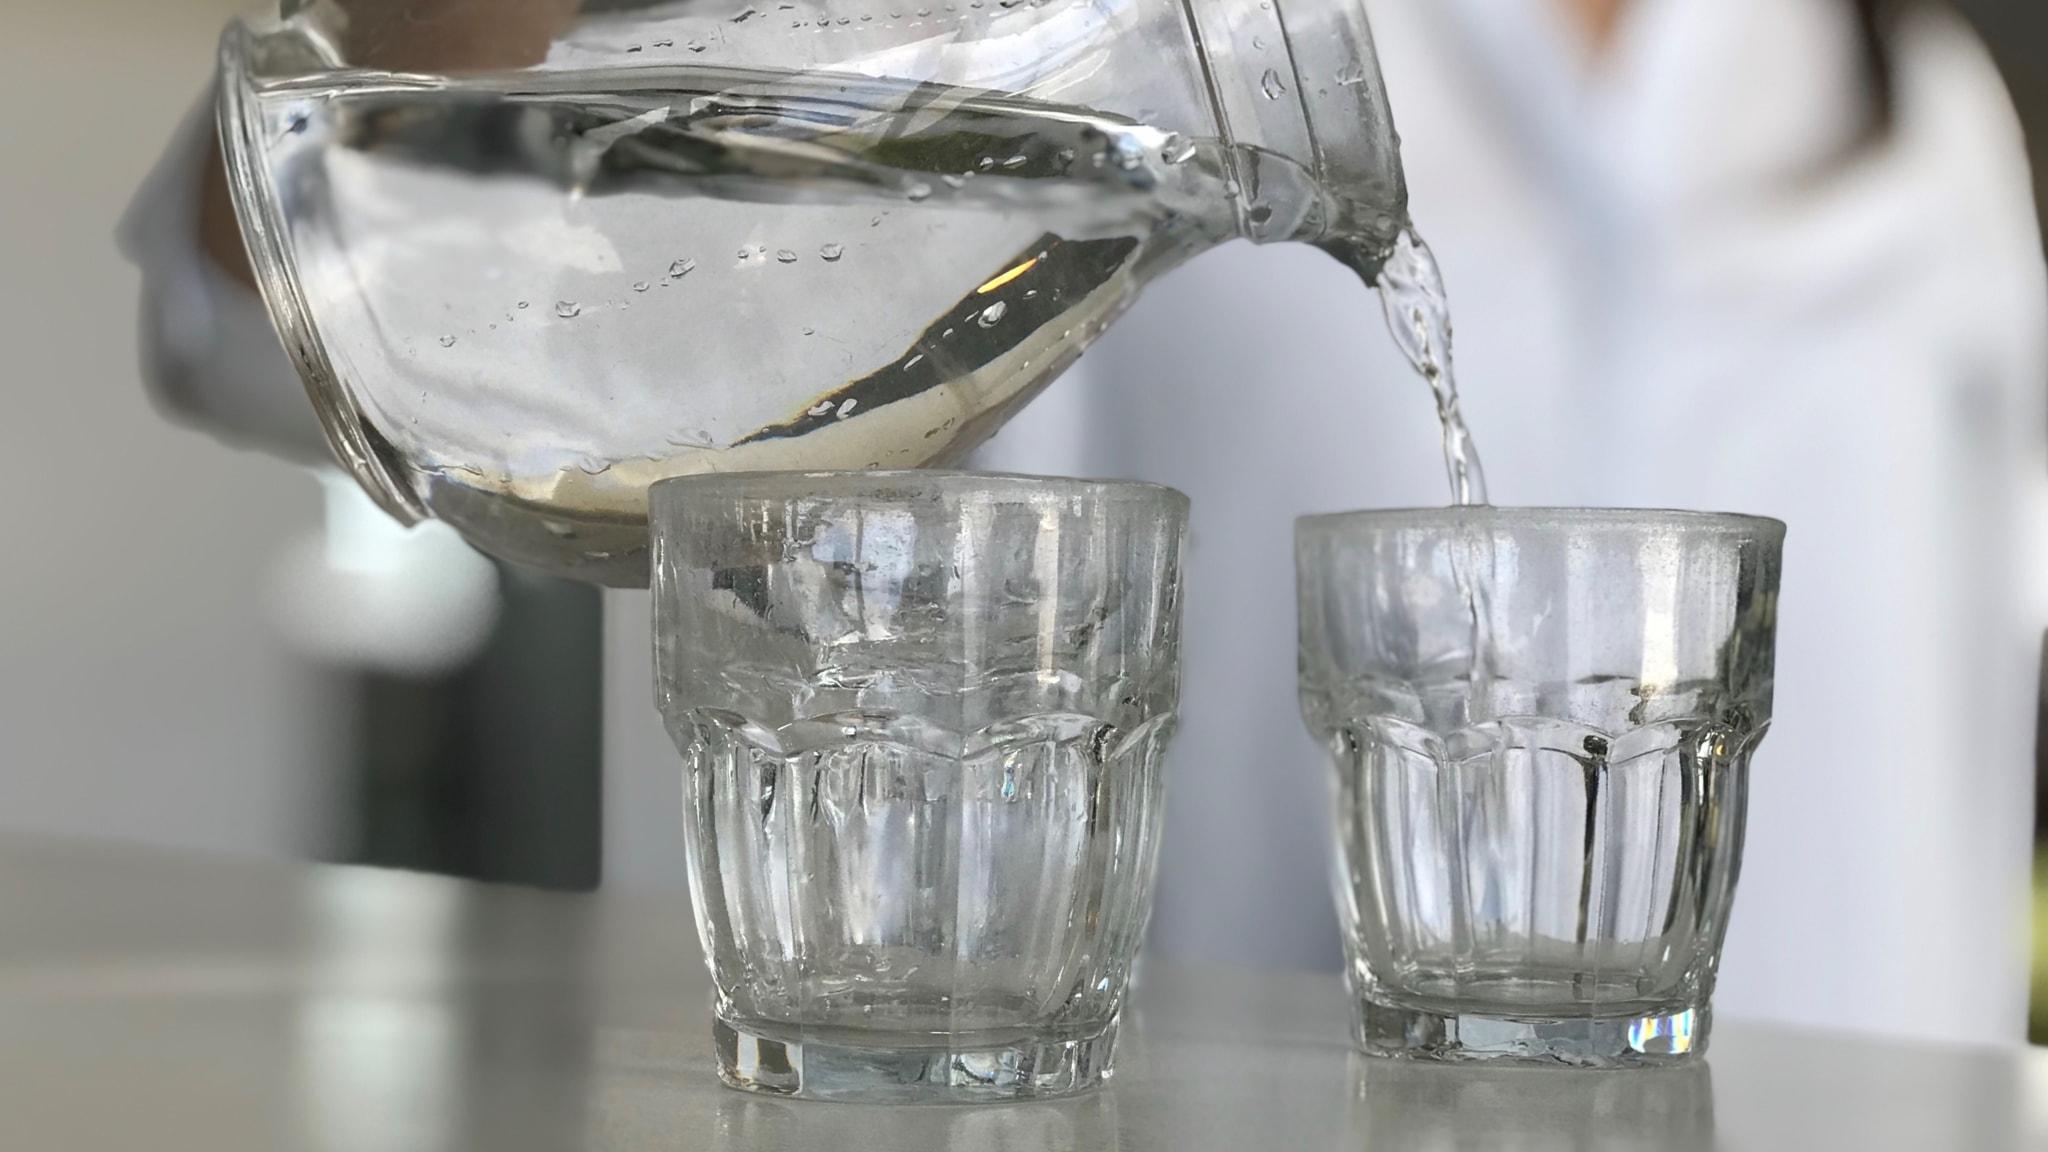 Vattenkaraff vattenglas